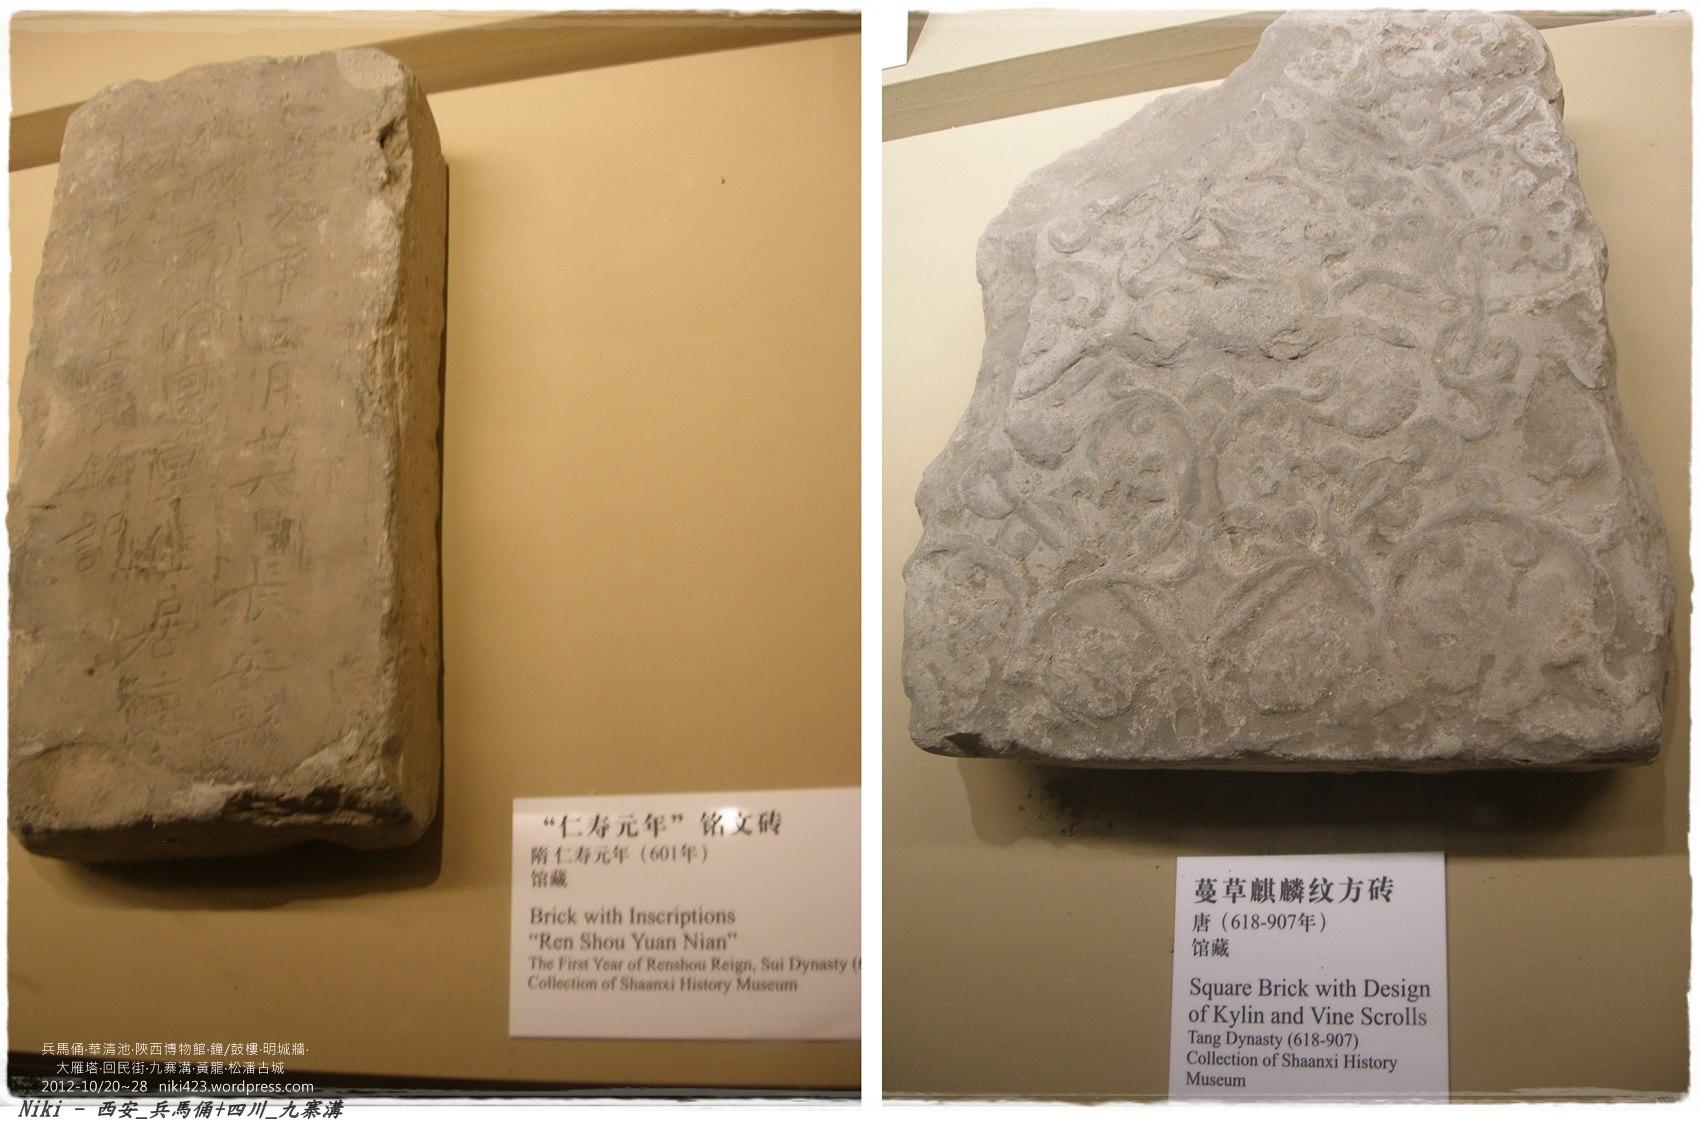 陝西博物館